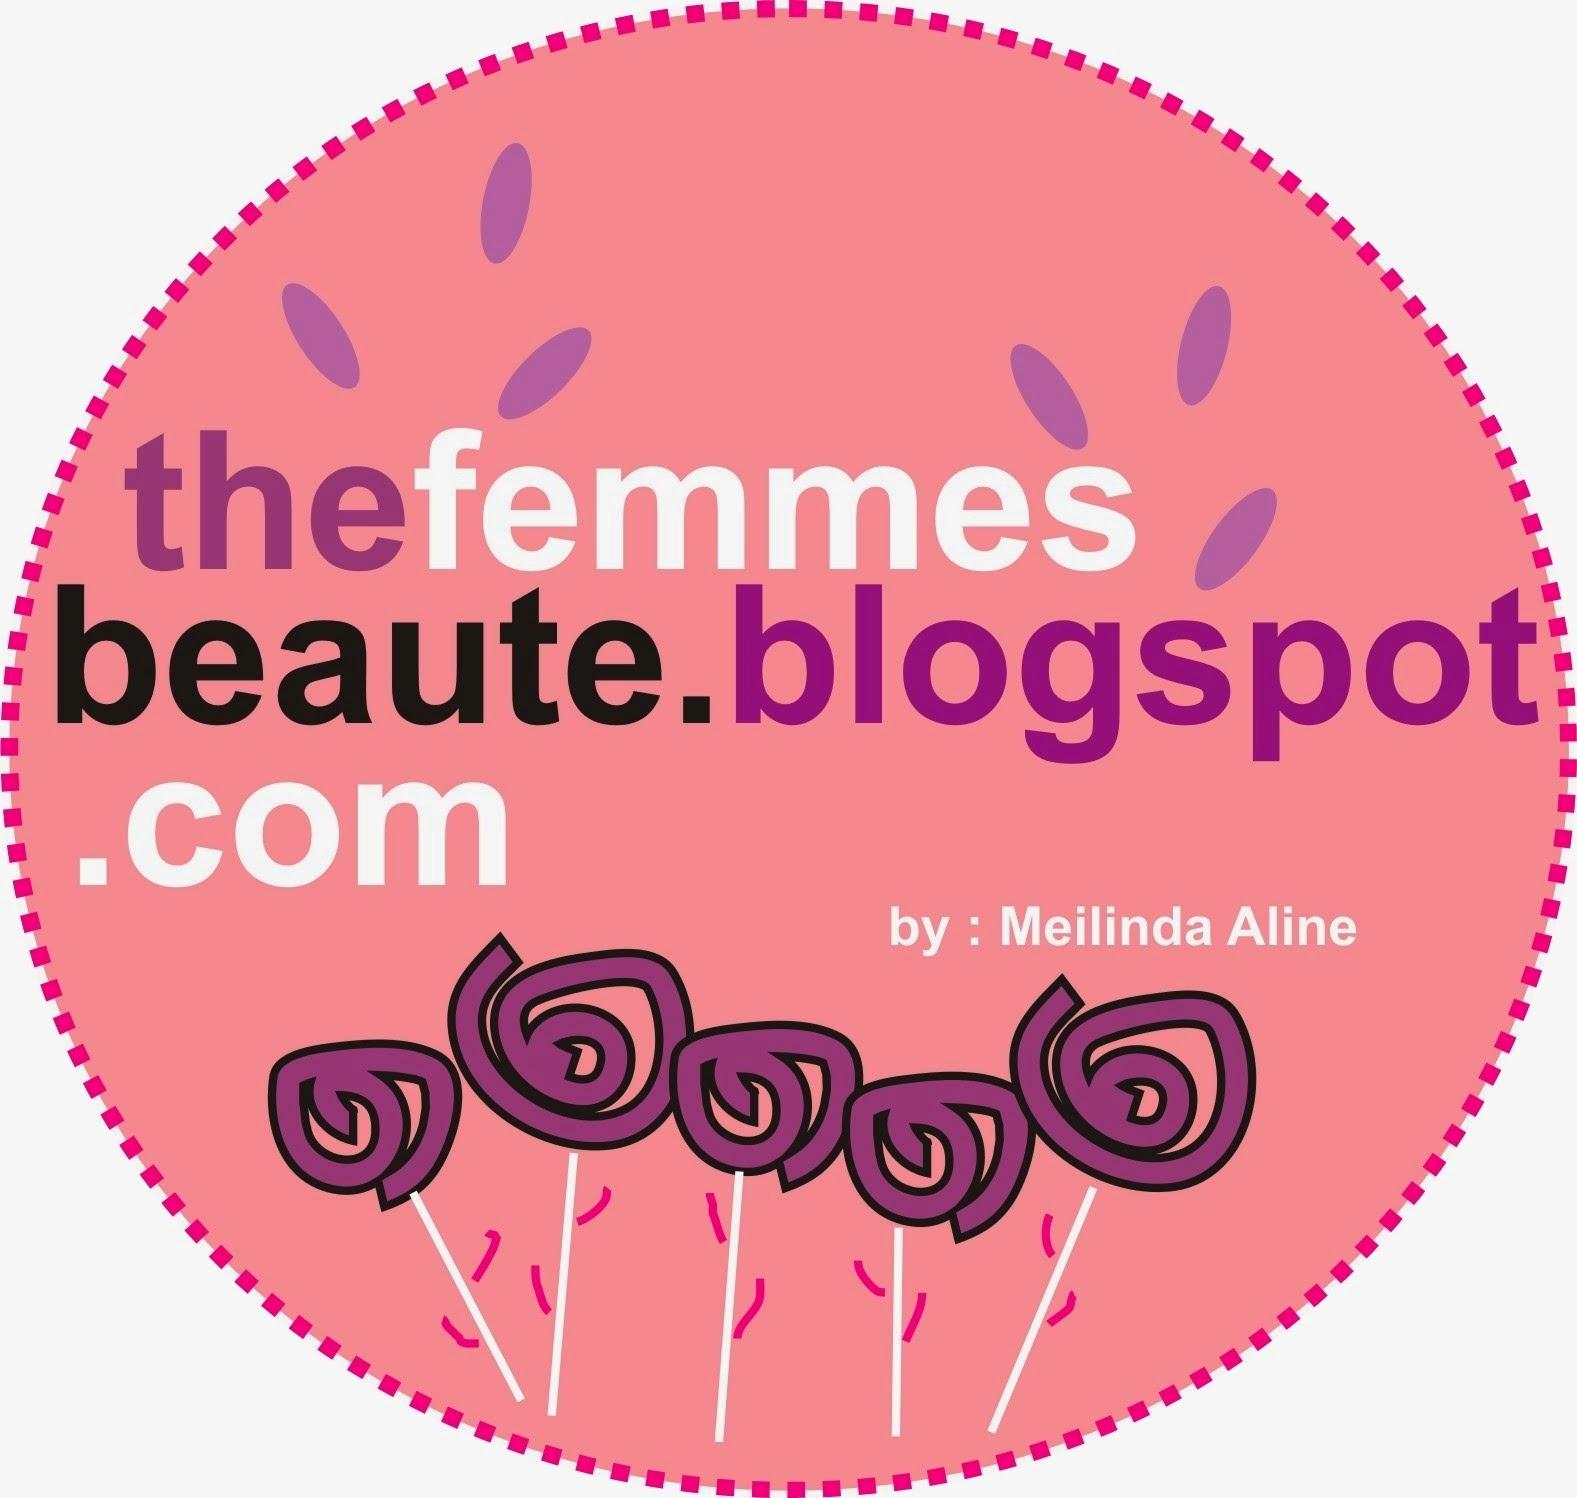 Thefemmesbeaute: Pengalaman Menggunakan Rangkaian Produk